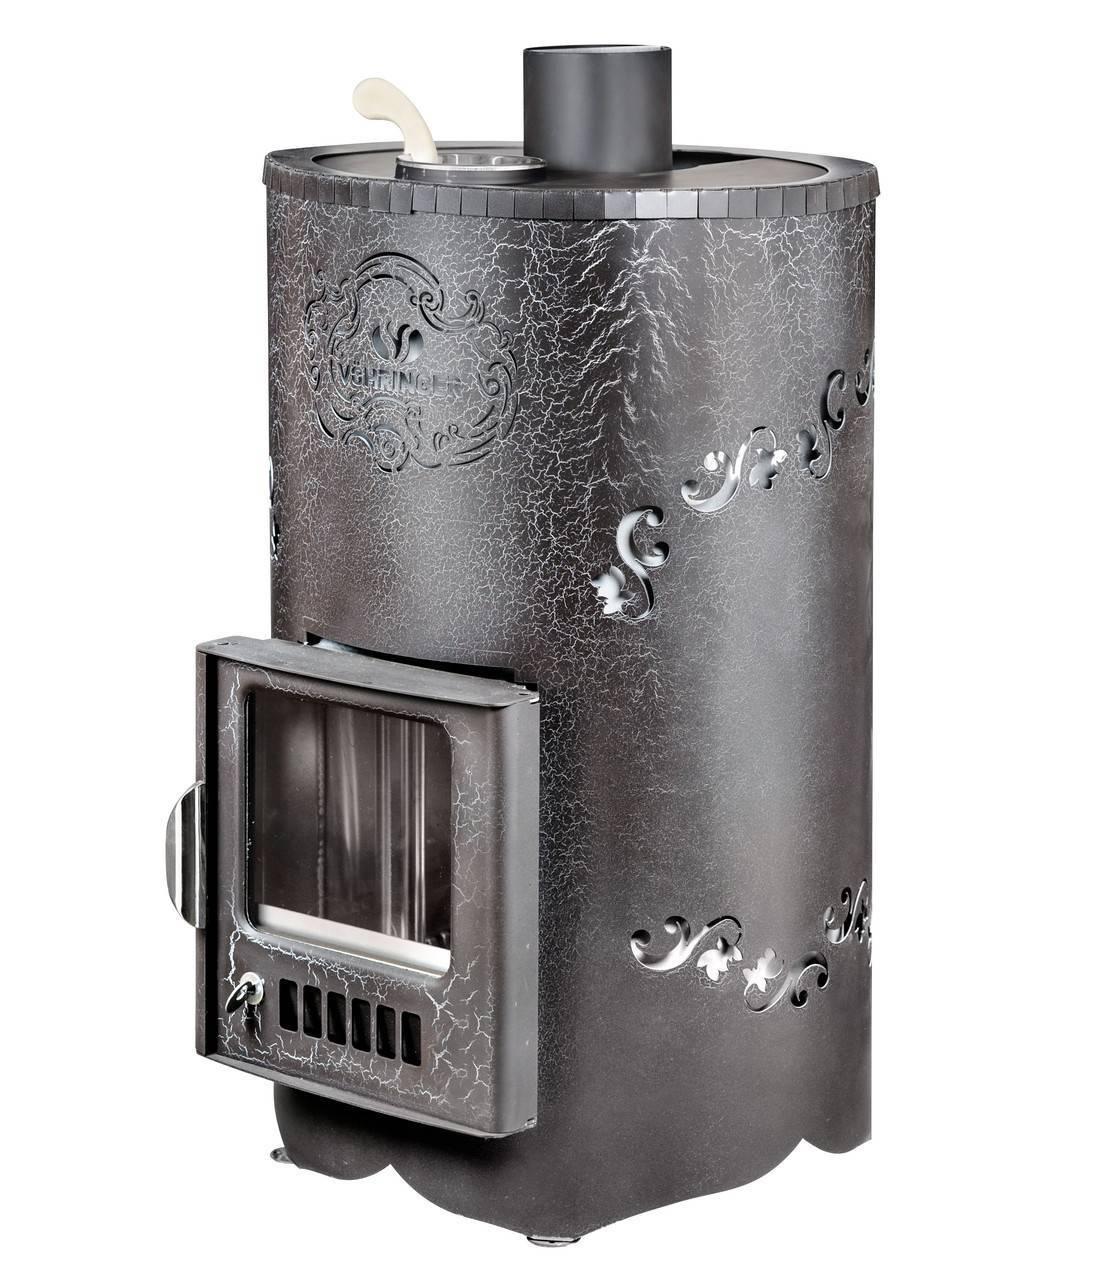 Банные печи теплосталь — сравнительный обзор моделей и назначение печи